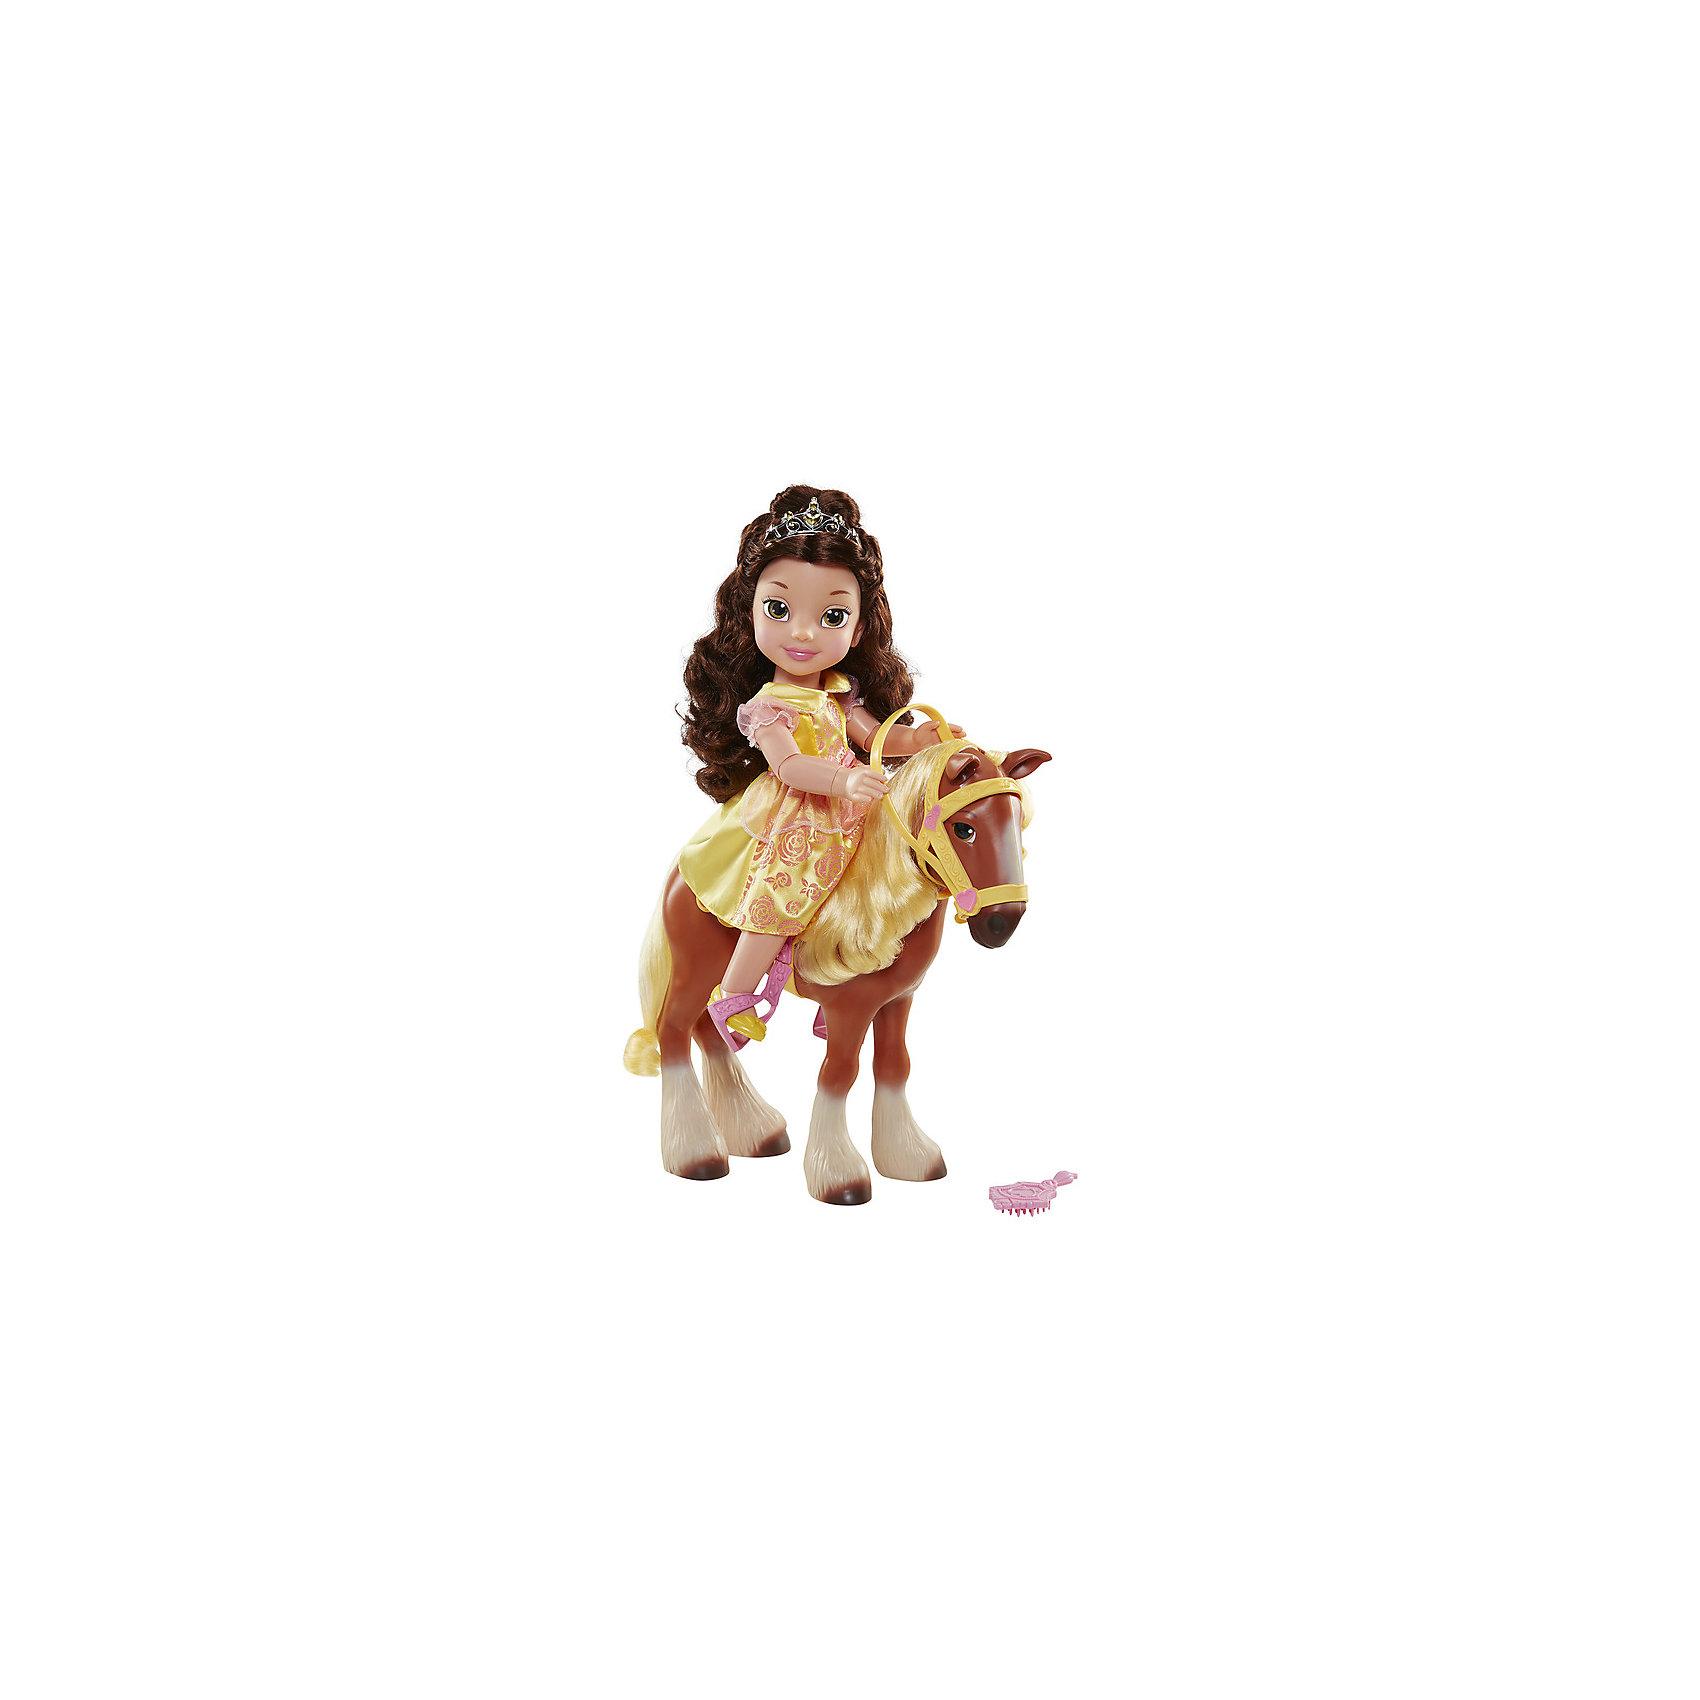 Кукла Принцесса с животным, Принцессы ДиснейКлассические куклы<br>Характеристики товара:<br><br>- цвет: разноцветный;<br>- материал: текстиль, пластик;<br>- размер кукол: 35 см;<br>- каждая кукла продается отдельно.<br><br>Играть с фигурками из любимого мультфильма - вдвойне интереснее! Фигурки маленьких принцесс из мультфильмов Диснея - очень красивые, они хорошо детализированы. У кукол живые глаза-линзы. Каждая фигурка отлично выполнена, похожа на героя мультика, поэтому она станет желанным подарком для ребенка. Каждая принцесса дополнена своим животным. Такая игрушка отлично тренирует у ребенка разные навыки: играя с фигурками, ребенок развивает мелкую моторику, цветовосприятие, внимание, воображение и творческое мышление. <br>Из этих фигурок можно собрать целую коллекцию! Изделие произведено из качественных проверенных материалов, безопасных для малышей.<br><br>Куклу Принцесса с животным, Принцессы Дисней, можно купить в нашем интернет-магазине.<br><br>Ширина мм: 500<br>Глубина мм: 400<br>Высота мм: 150<br>Вес г: 2383<br>Возраст от месяцев: 36<br>Возраст до месяцев: 2147483647<br>Пол: Женский<br>Возраст: Детский<br>SKU: 5124486